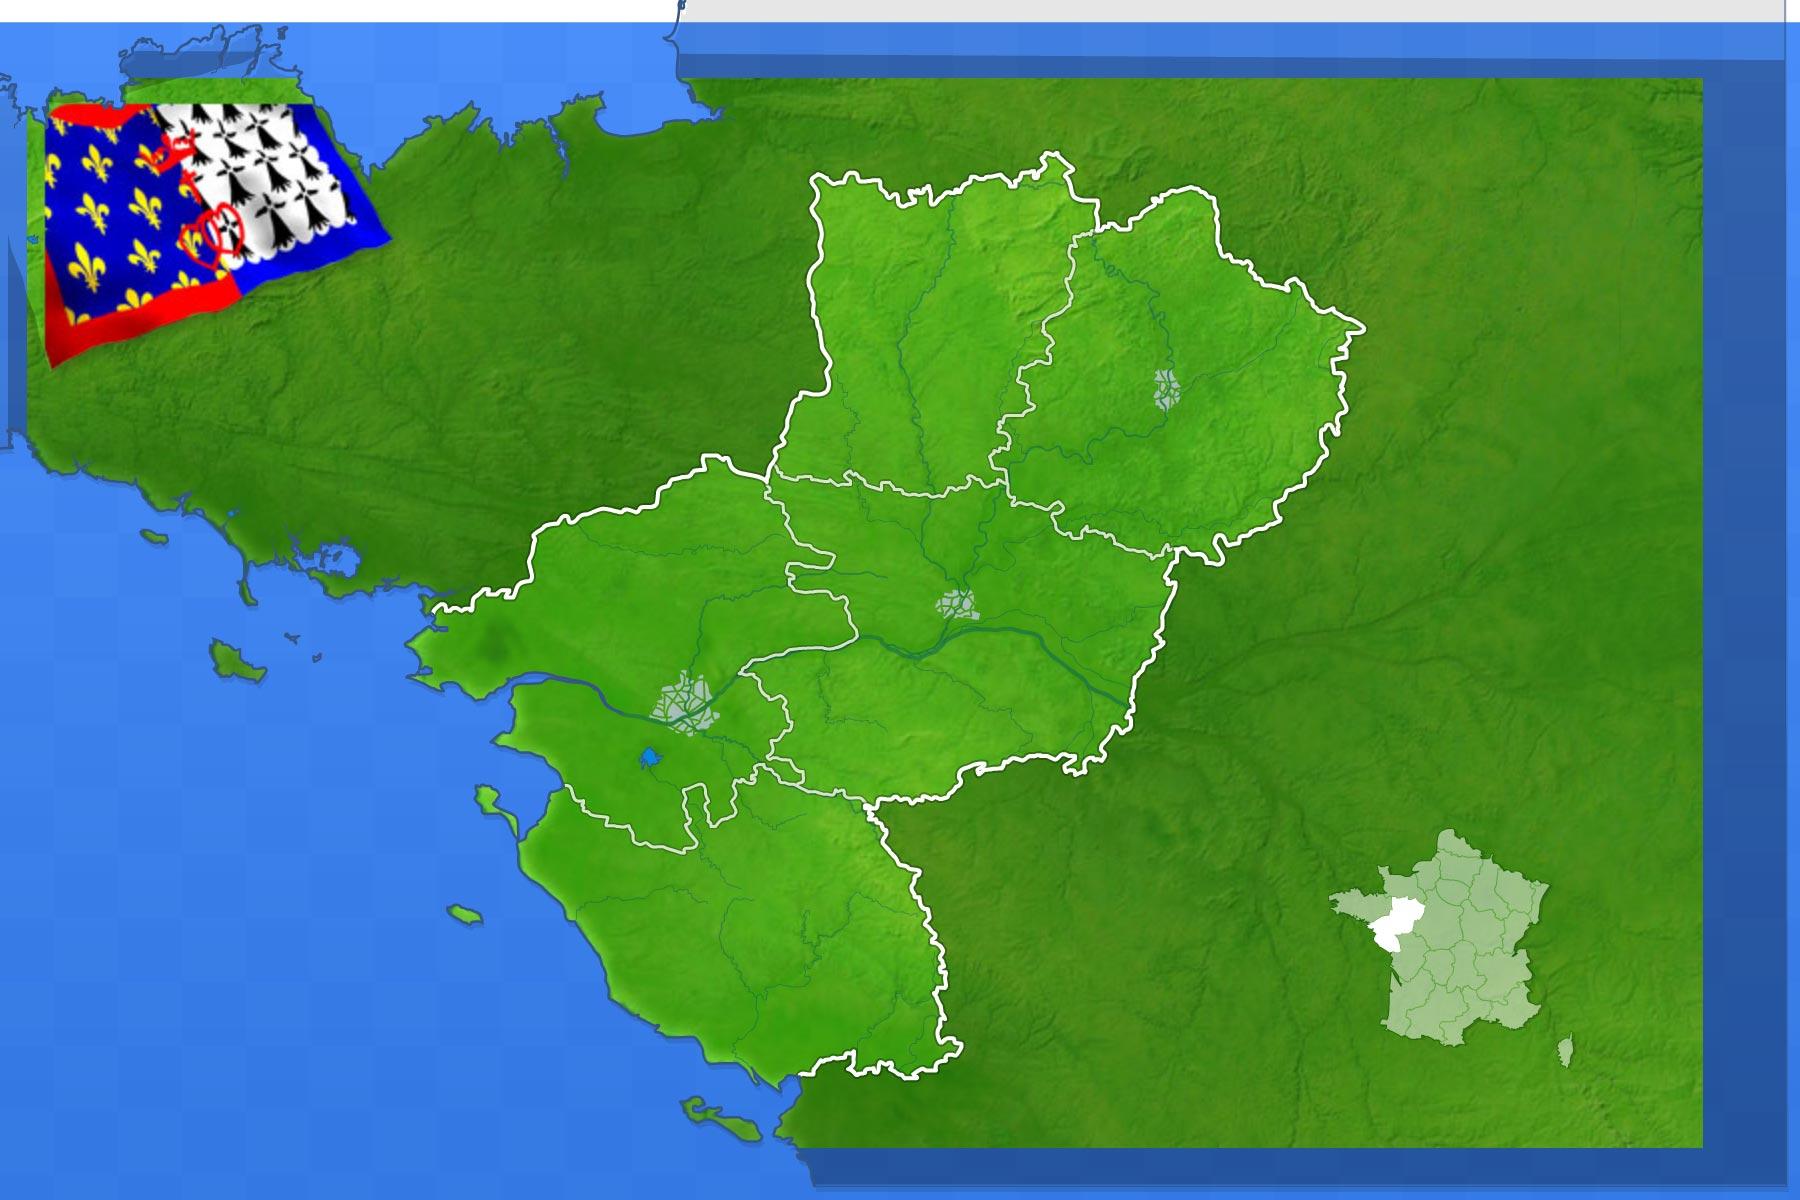 Jeux-Geographiques Jeux Gratuits Villes Des Pays De La Loire concernant Jeux Geographique